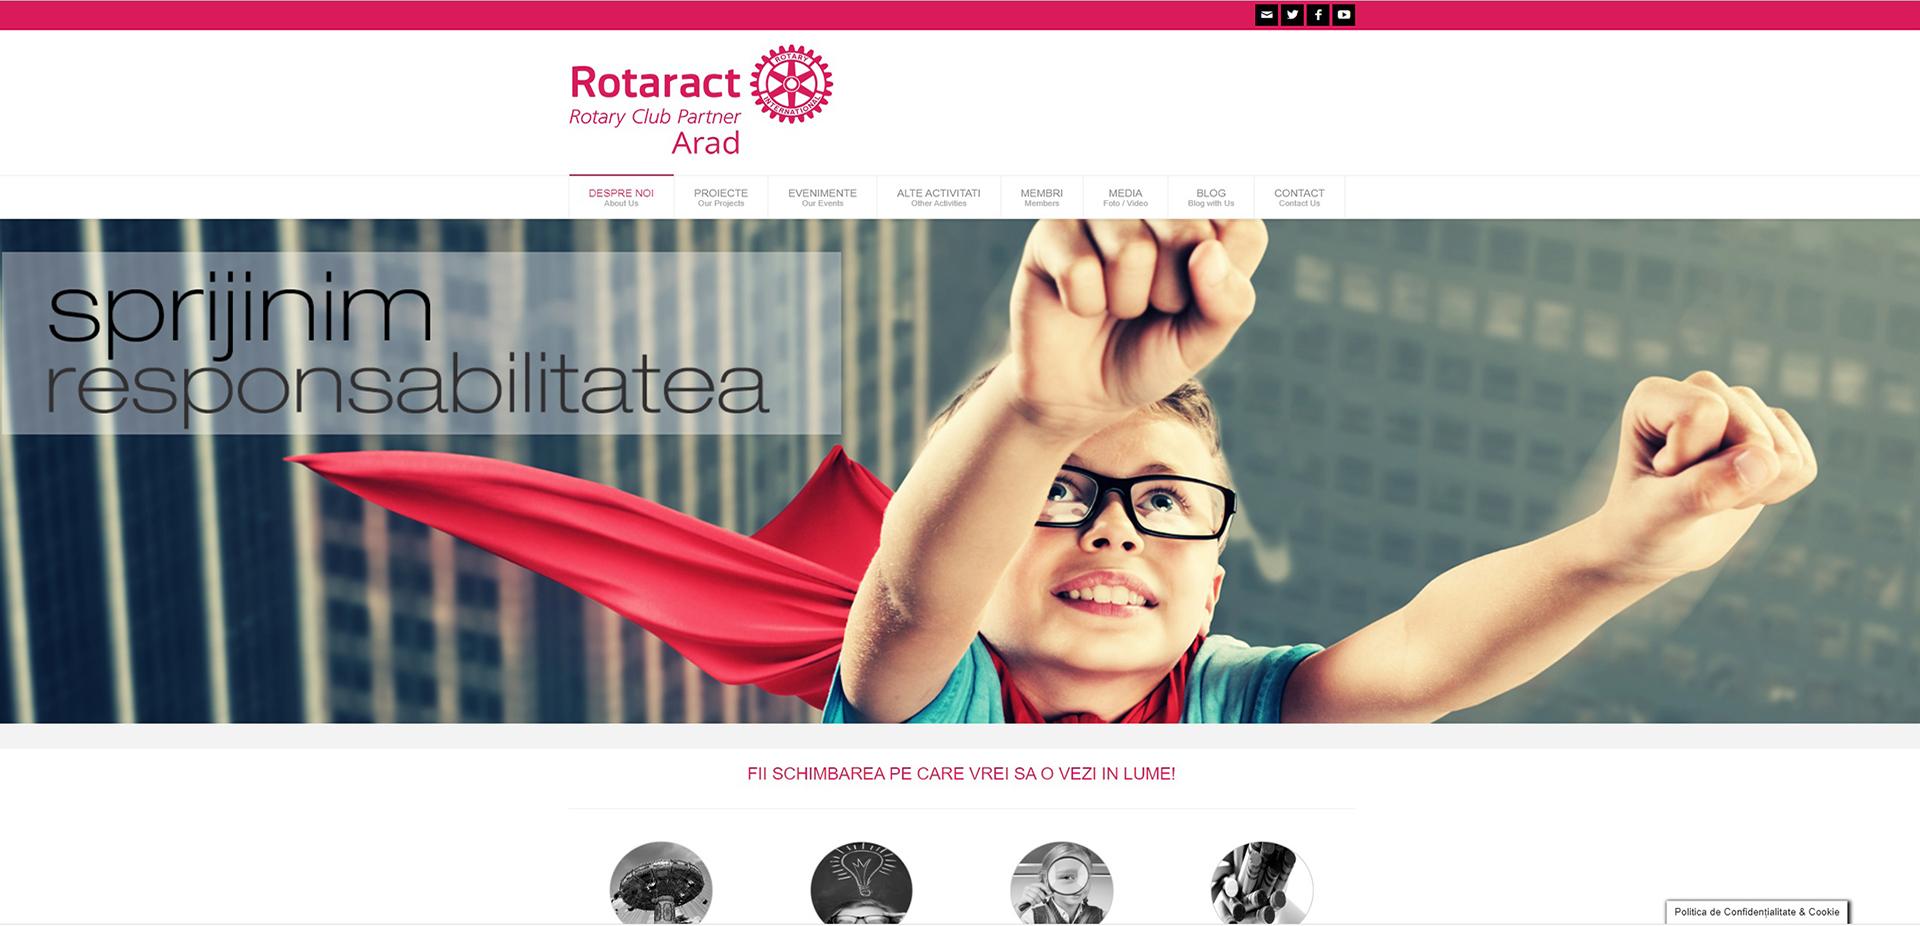 rotaract-arad.ro